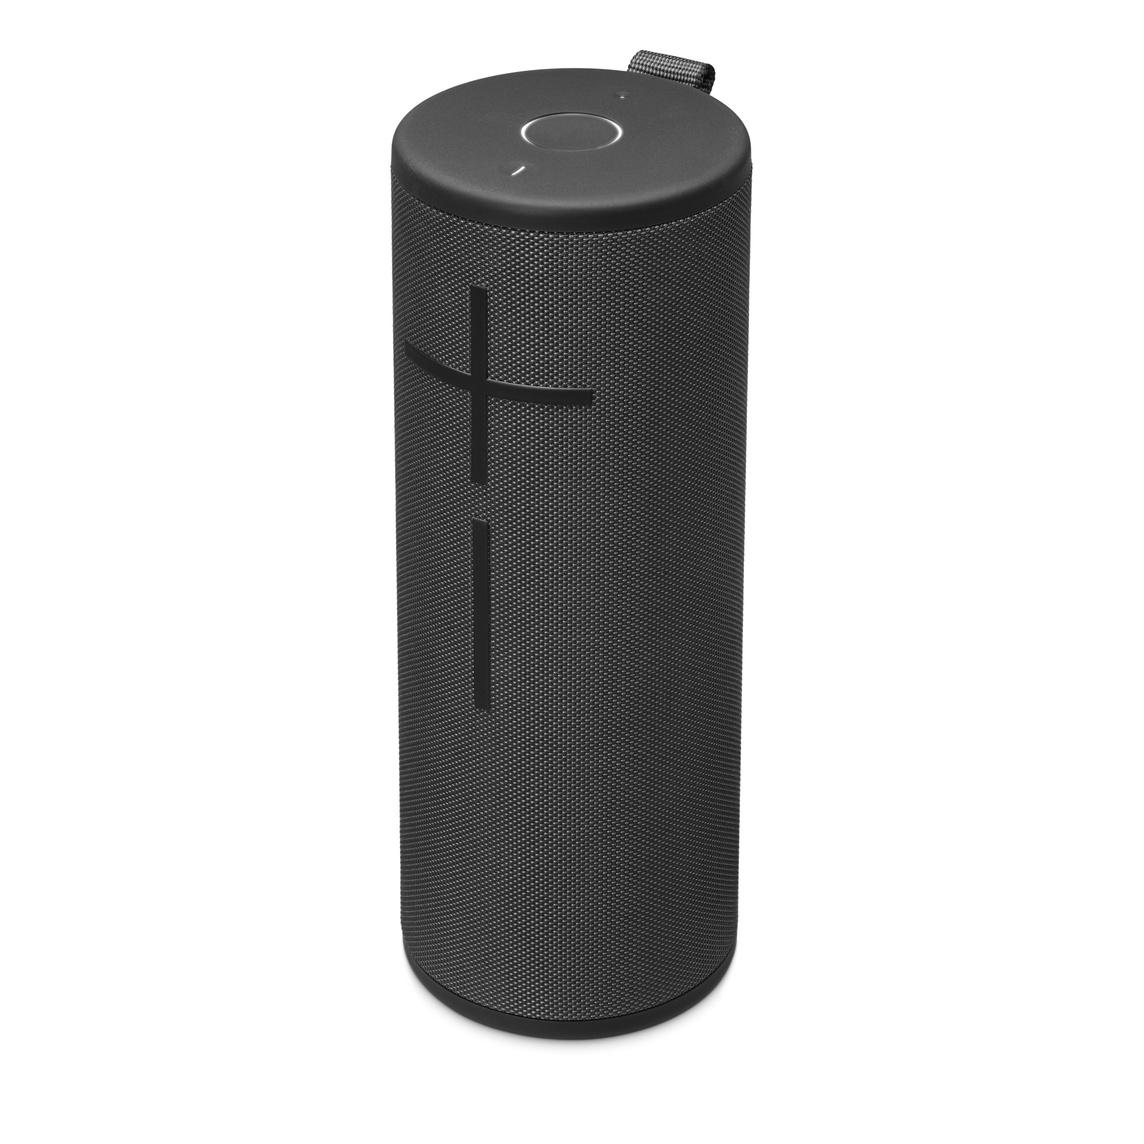 Bocina inalámbrica Bluetooth MEGABOOM 3 de Ultimate Ears - Negra